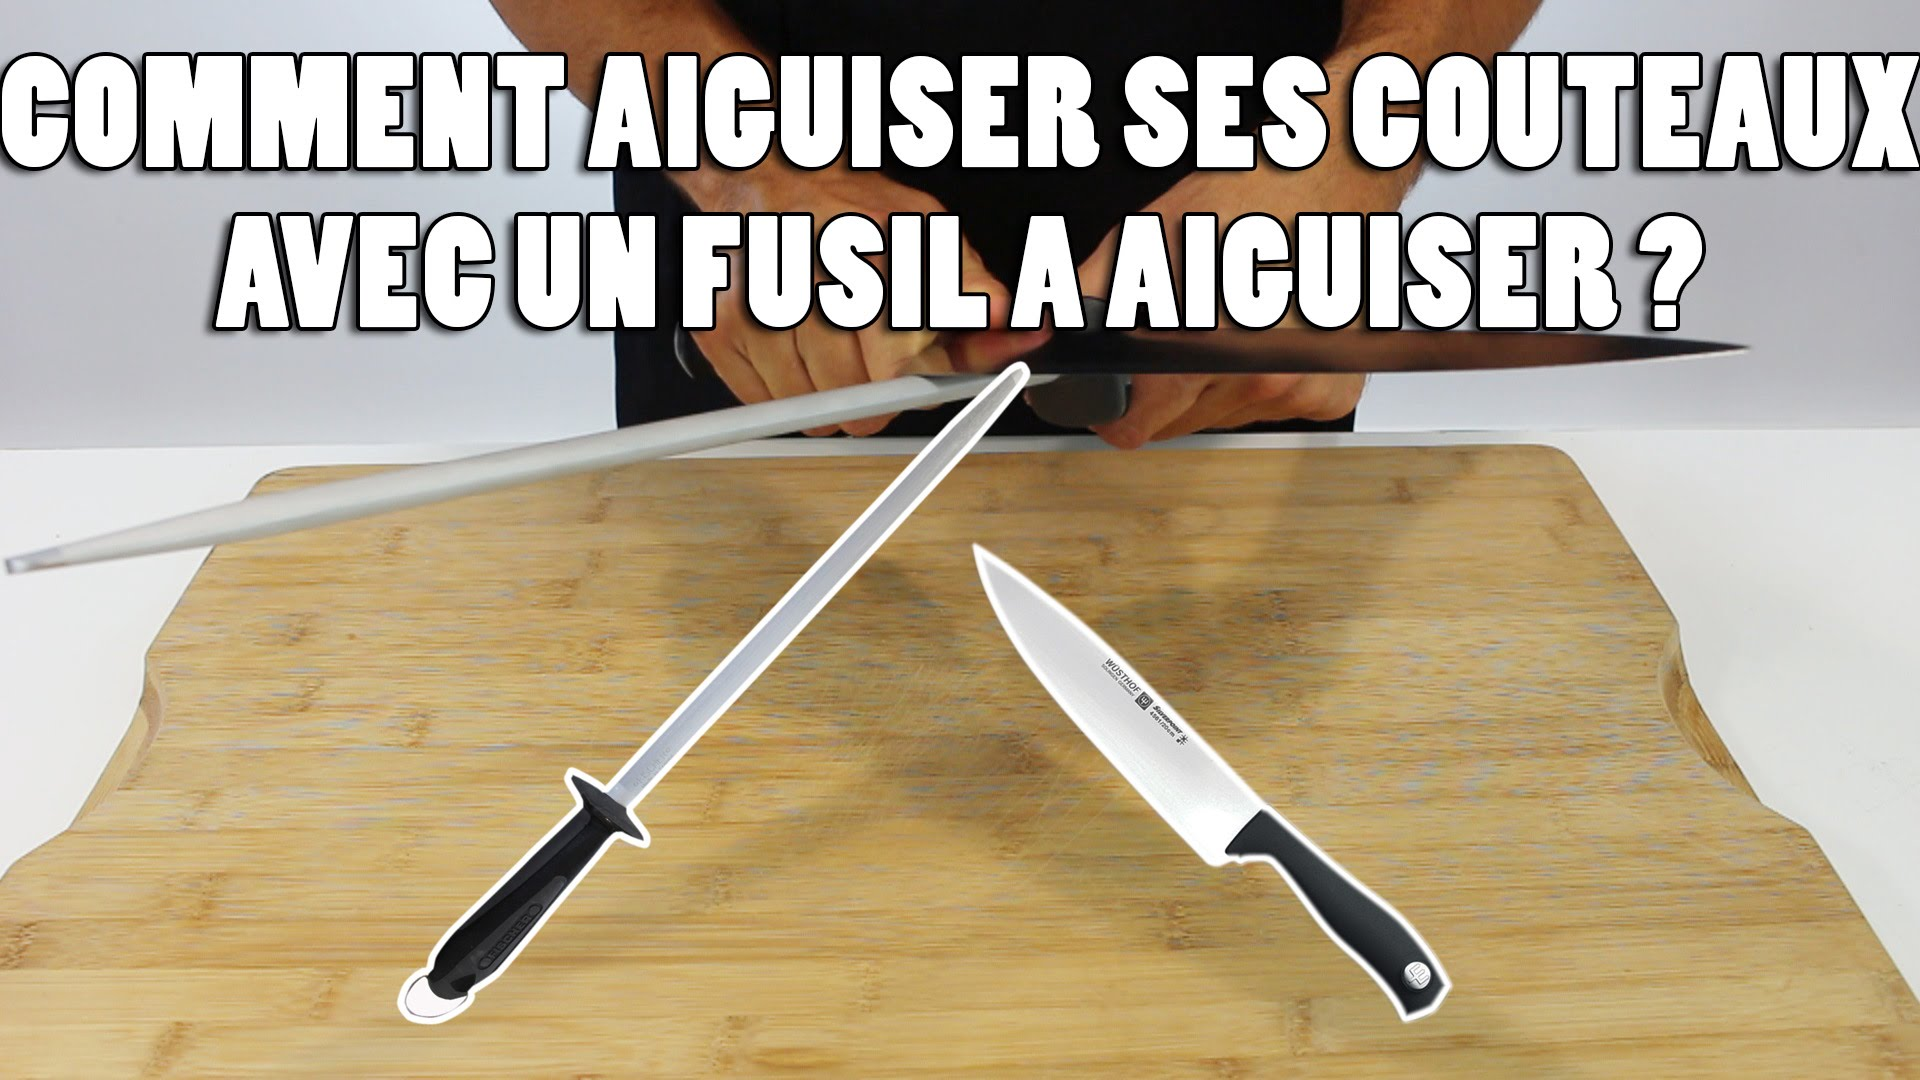 comment utiliser un aiguiseur de couteau